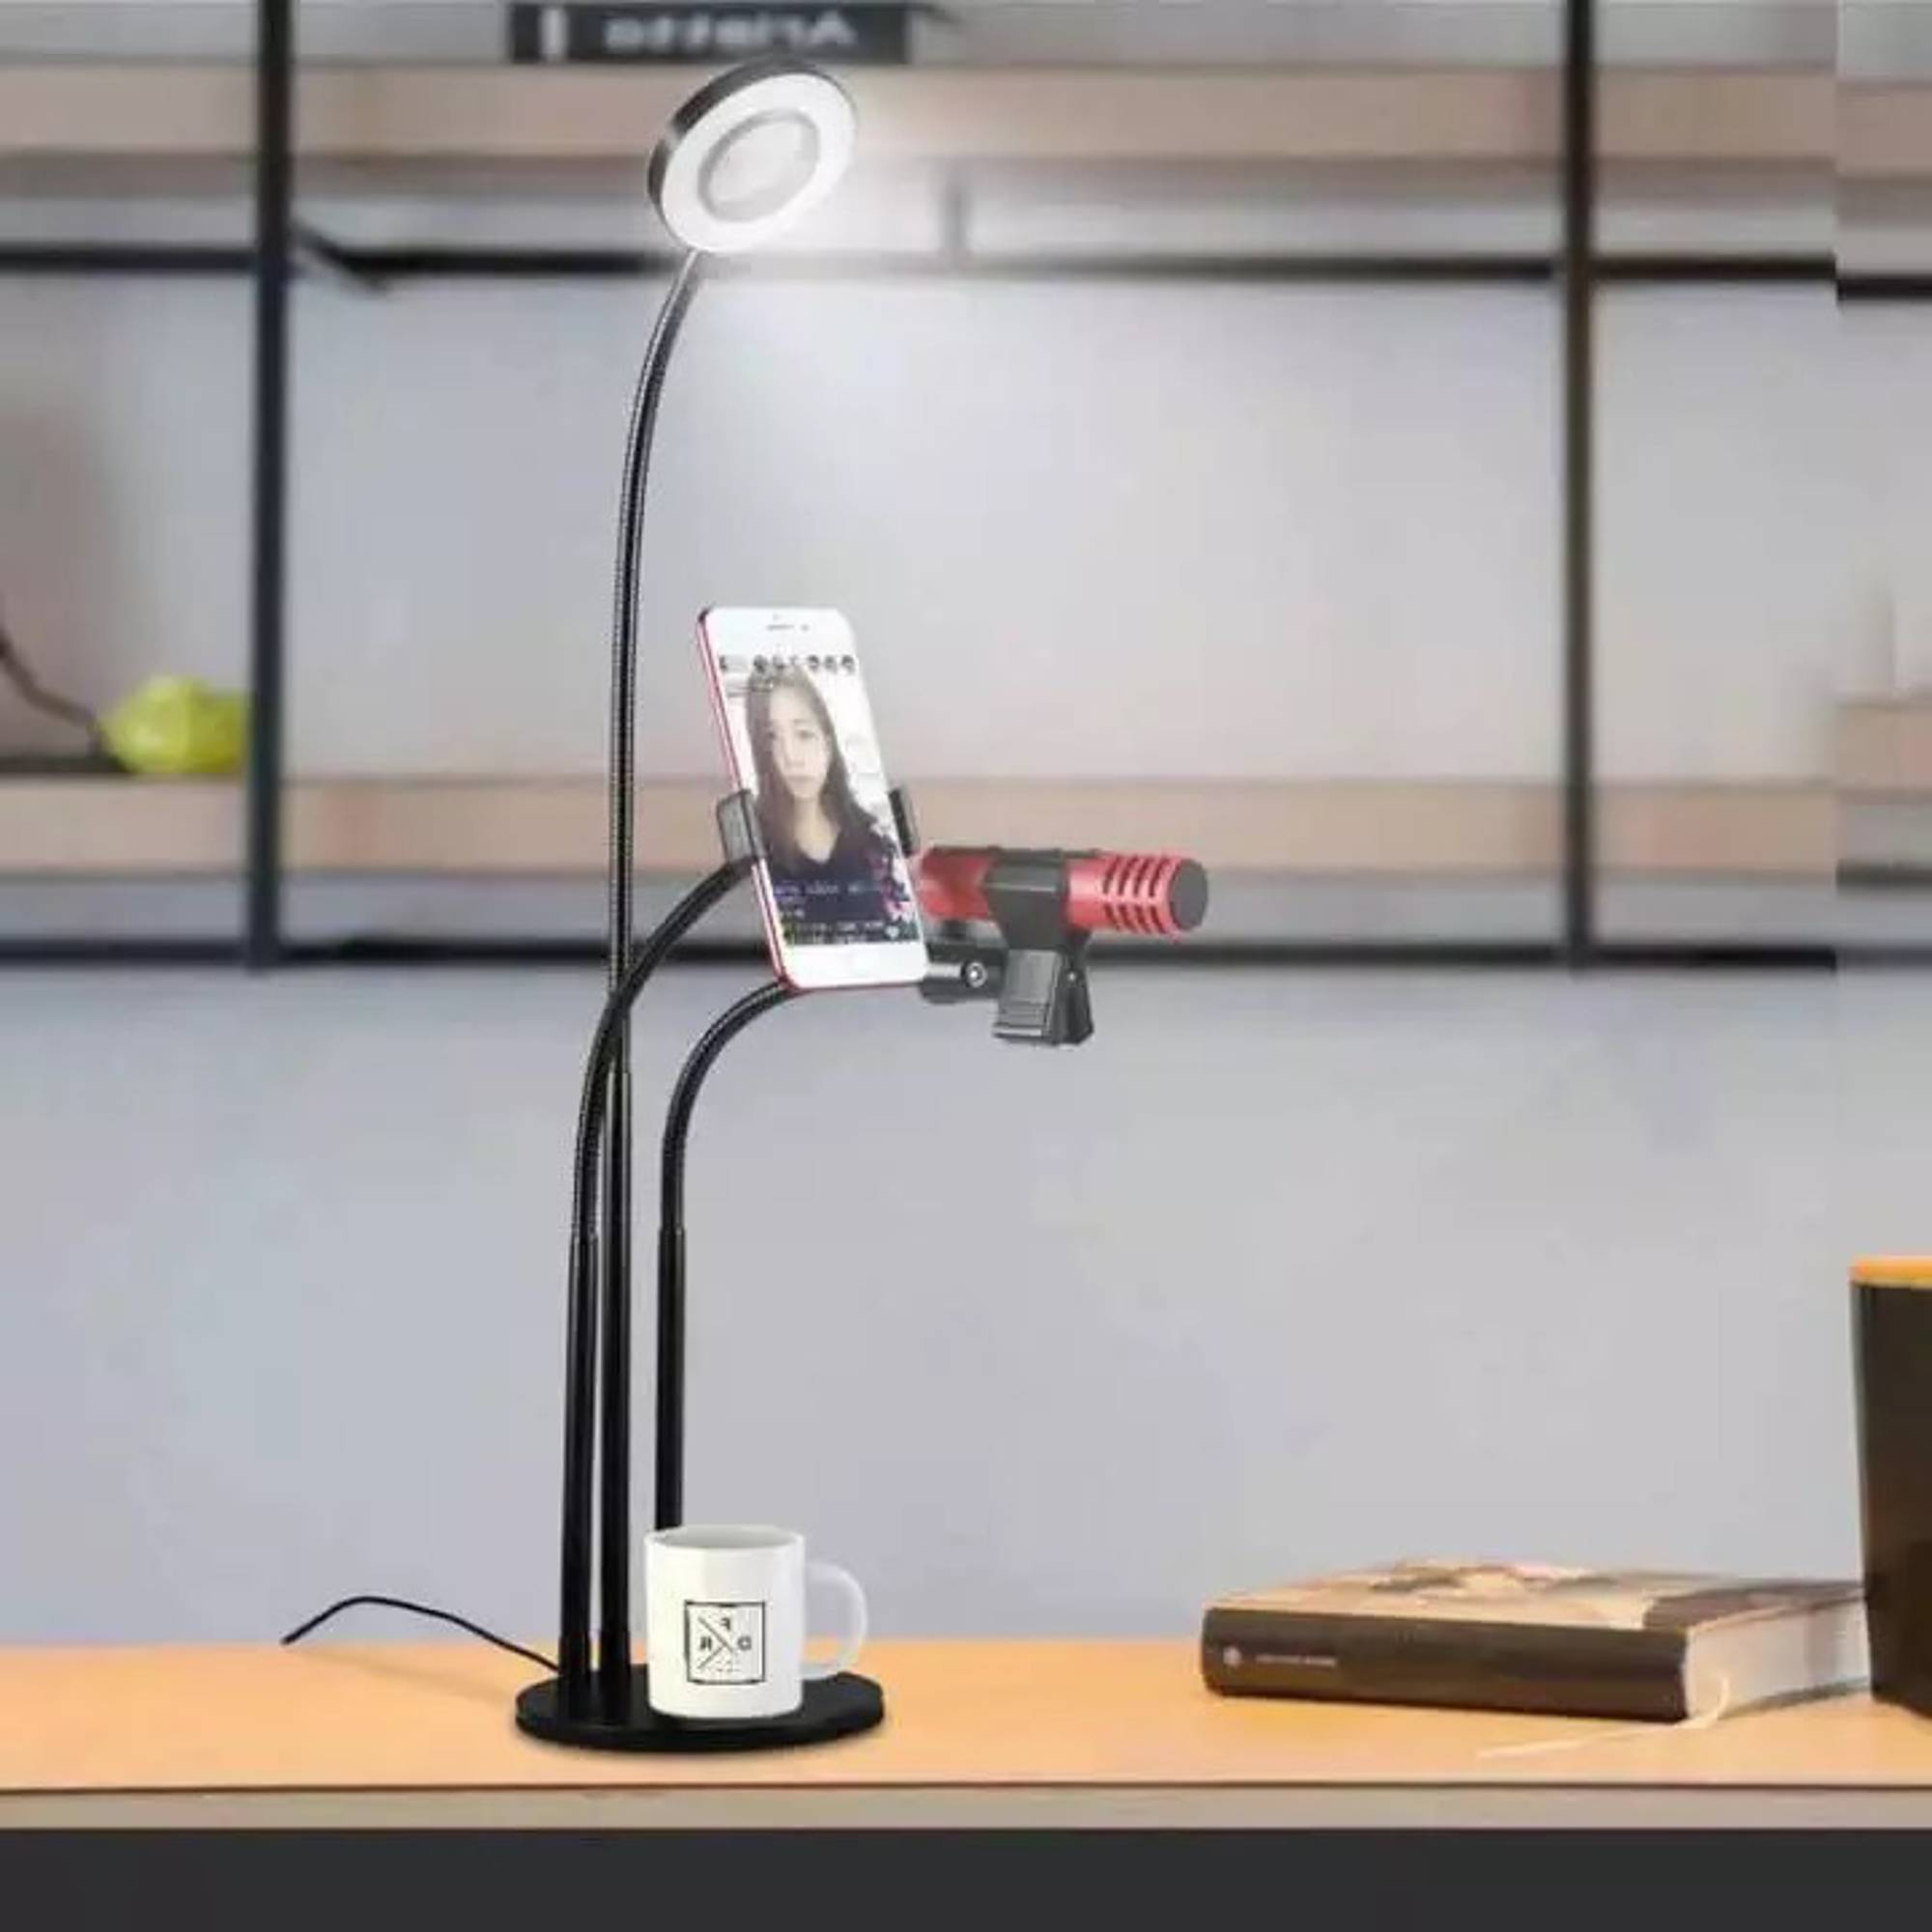 Bộ dụng cụ hỗ trợ Live Stream chuyên nghiệp có đèn